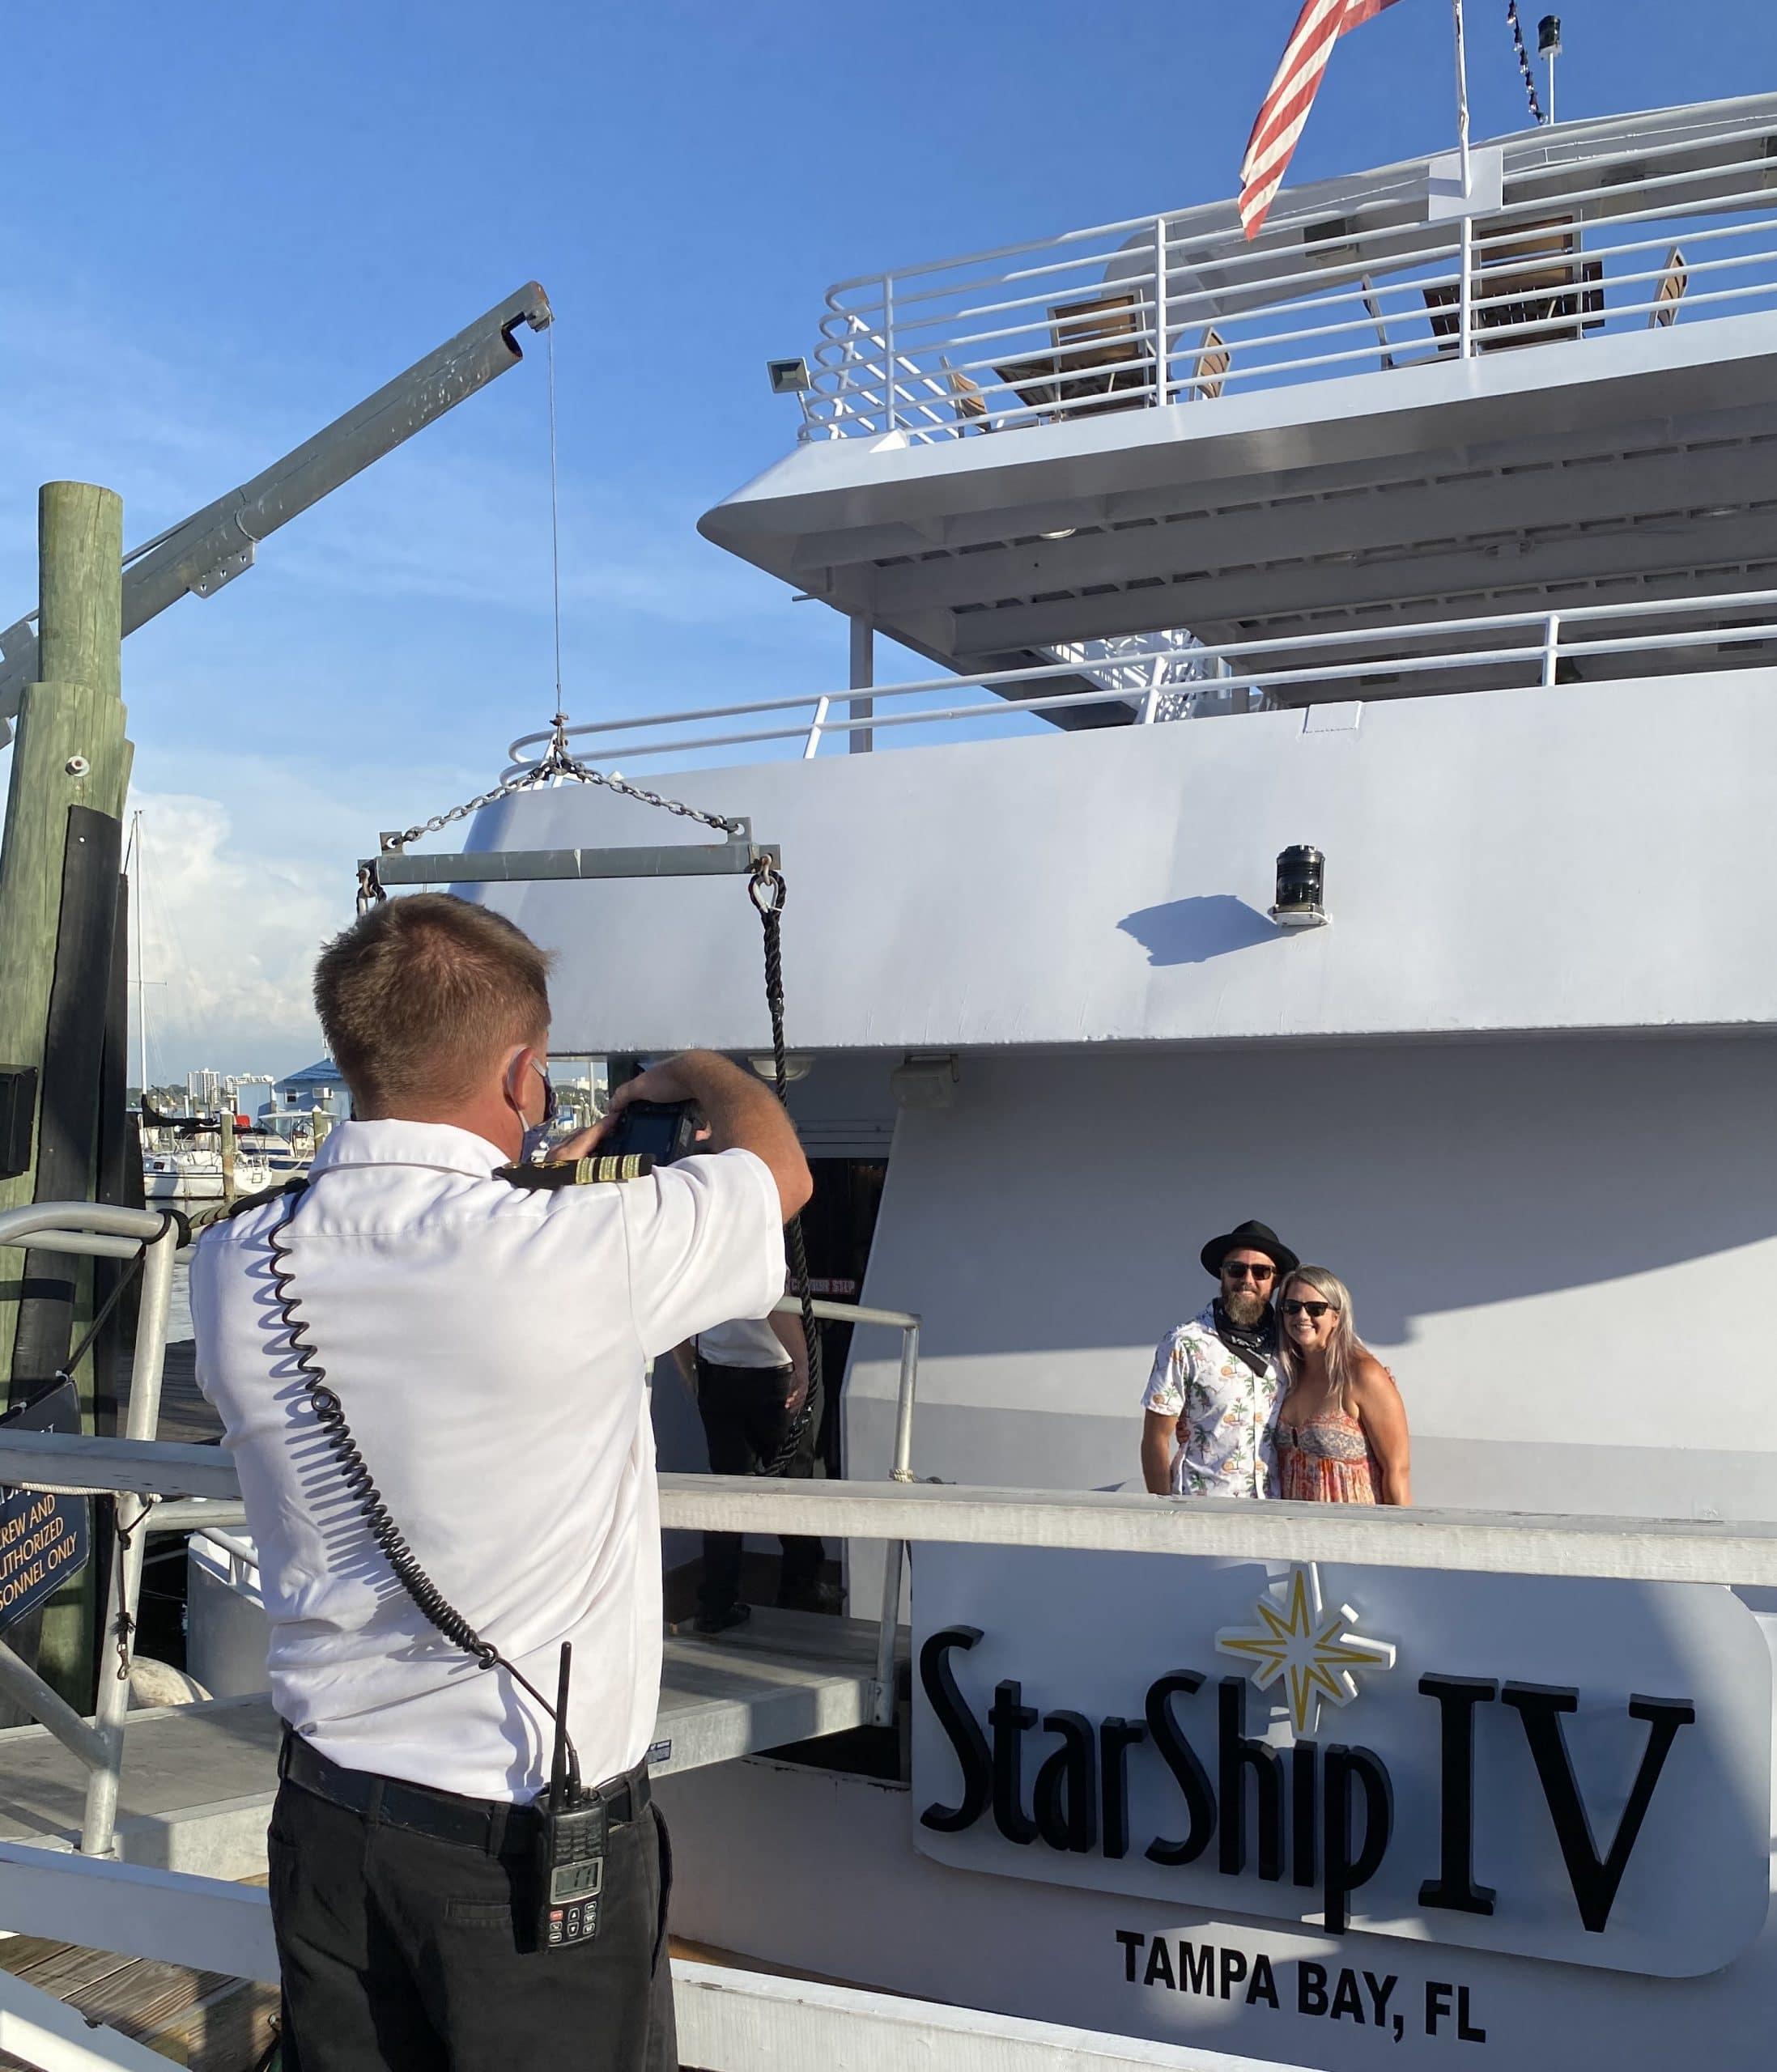 Boarding Photos aboard Yacht StarShip